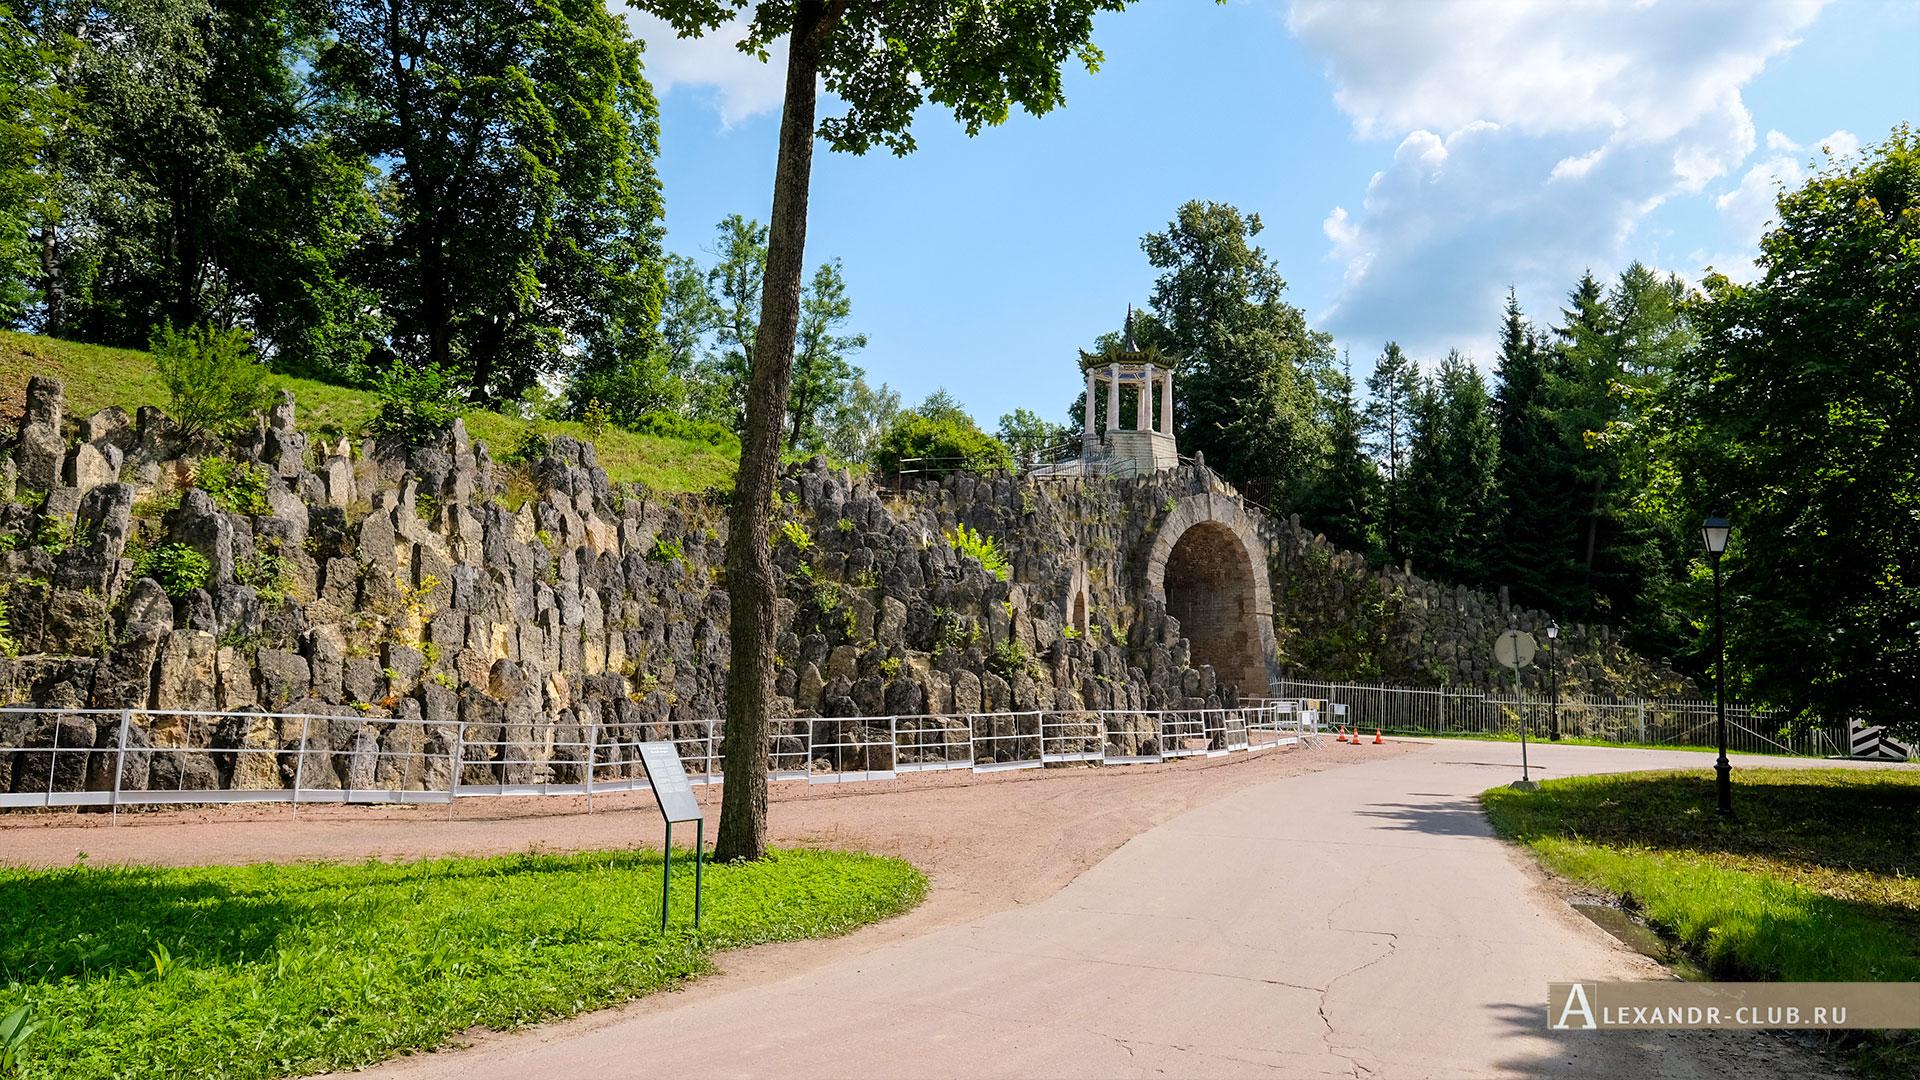 Царское Село, лето, Александровский парк, Большой каприз